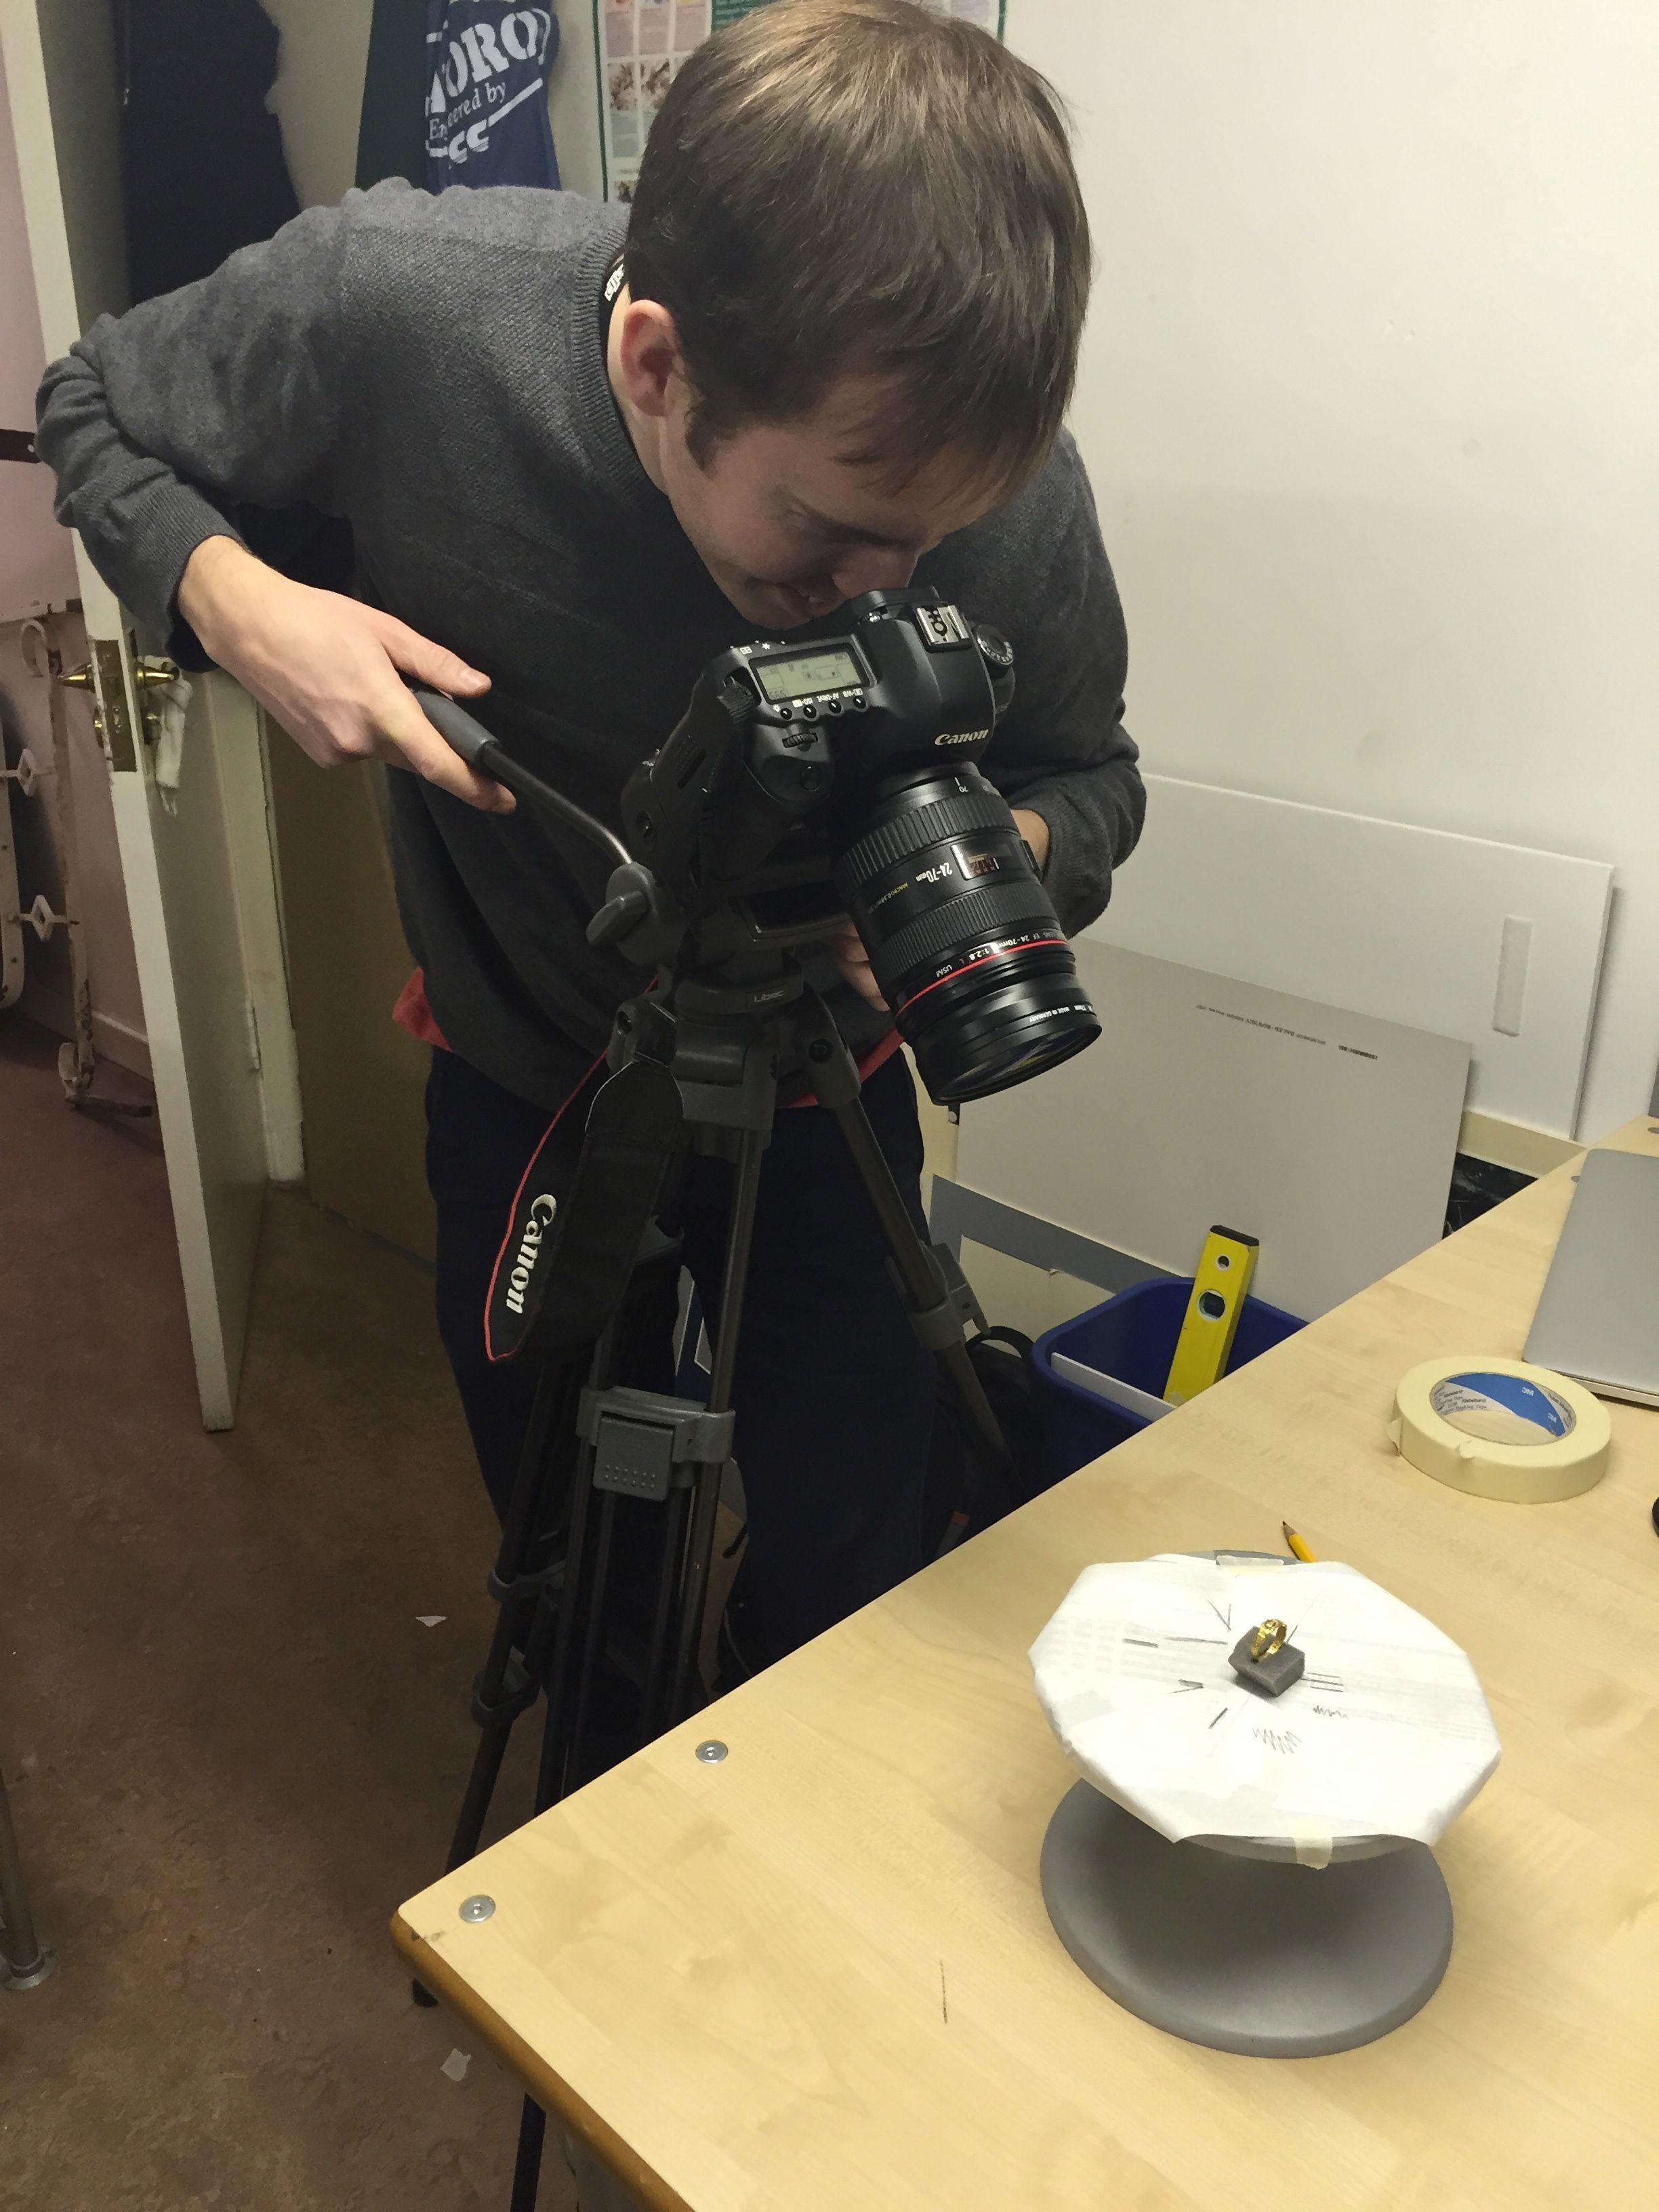 Rob photographs an object